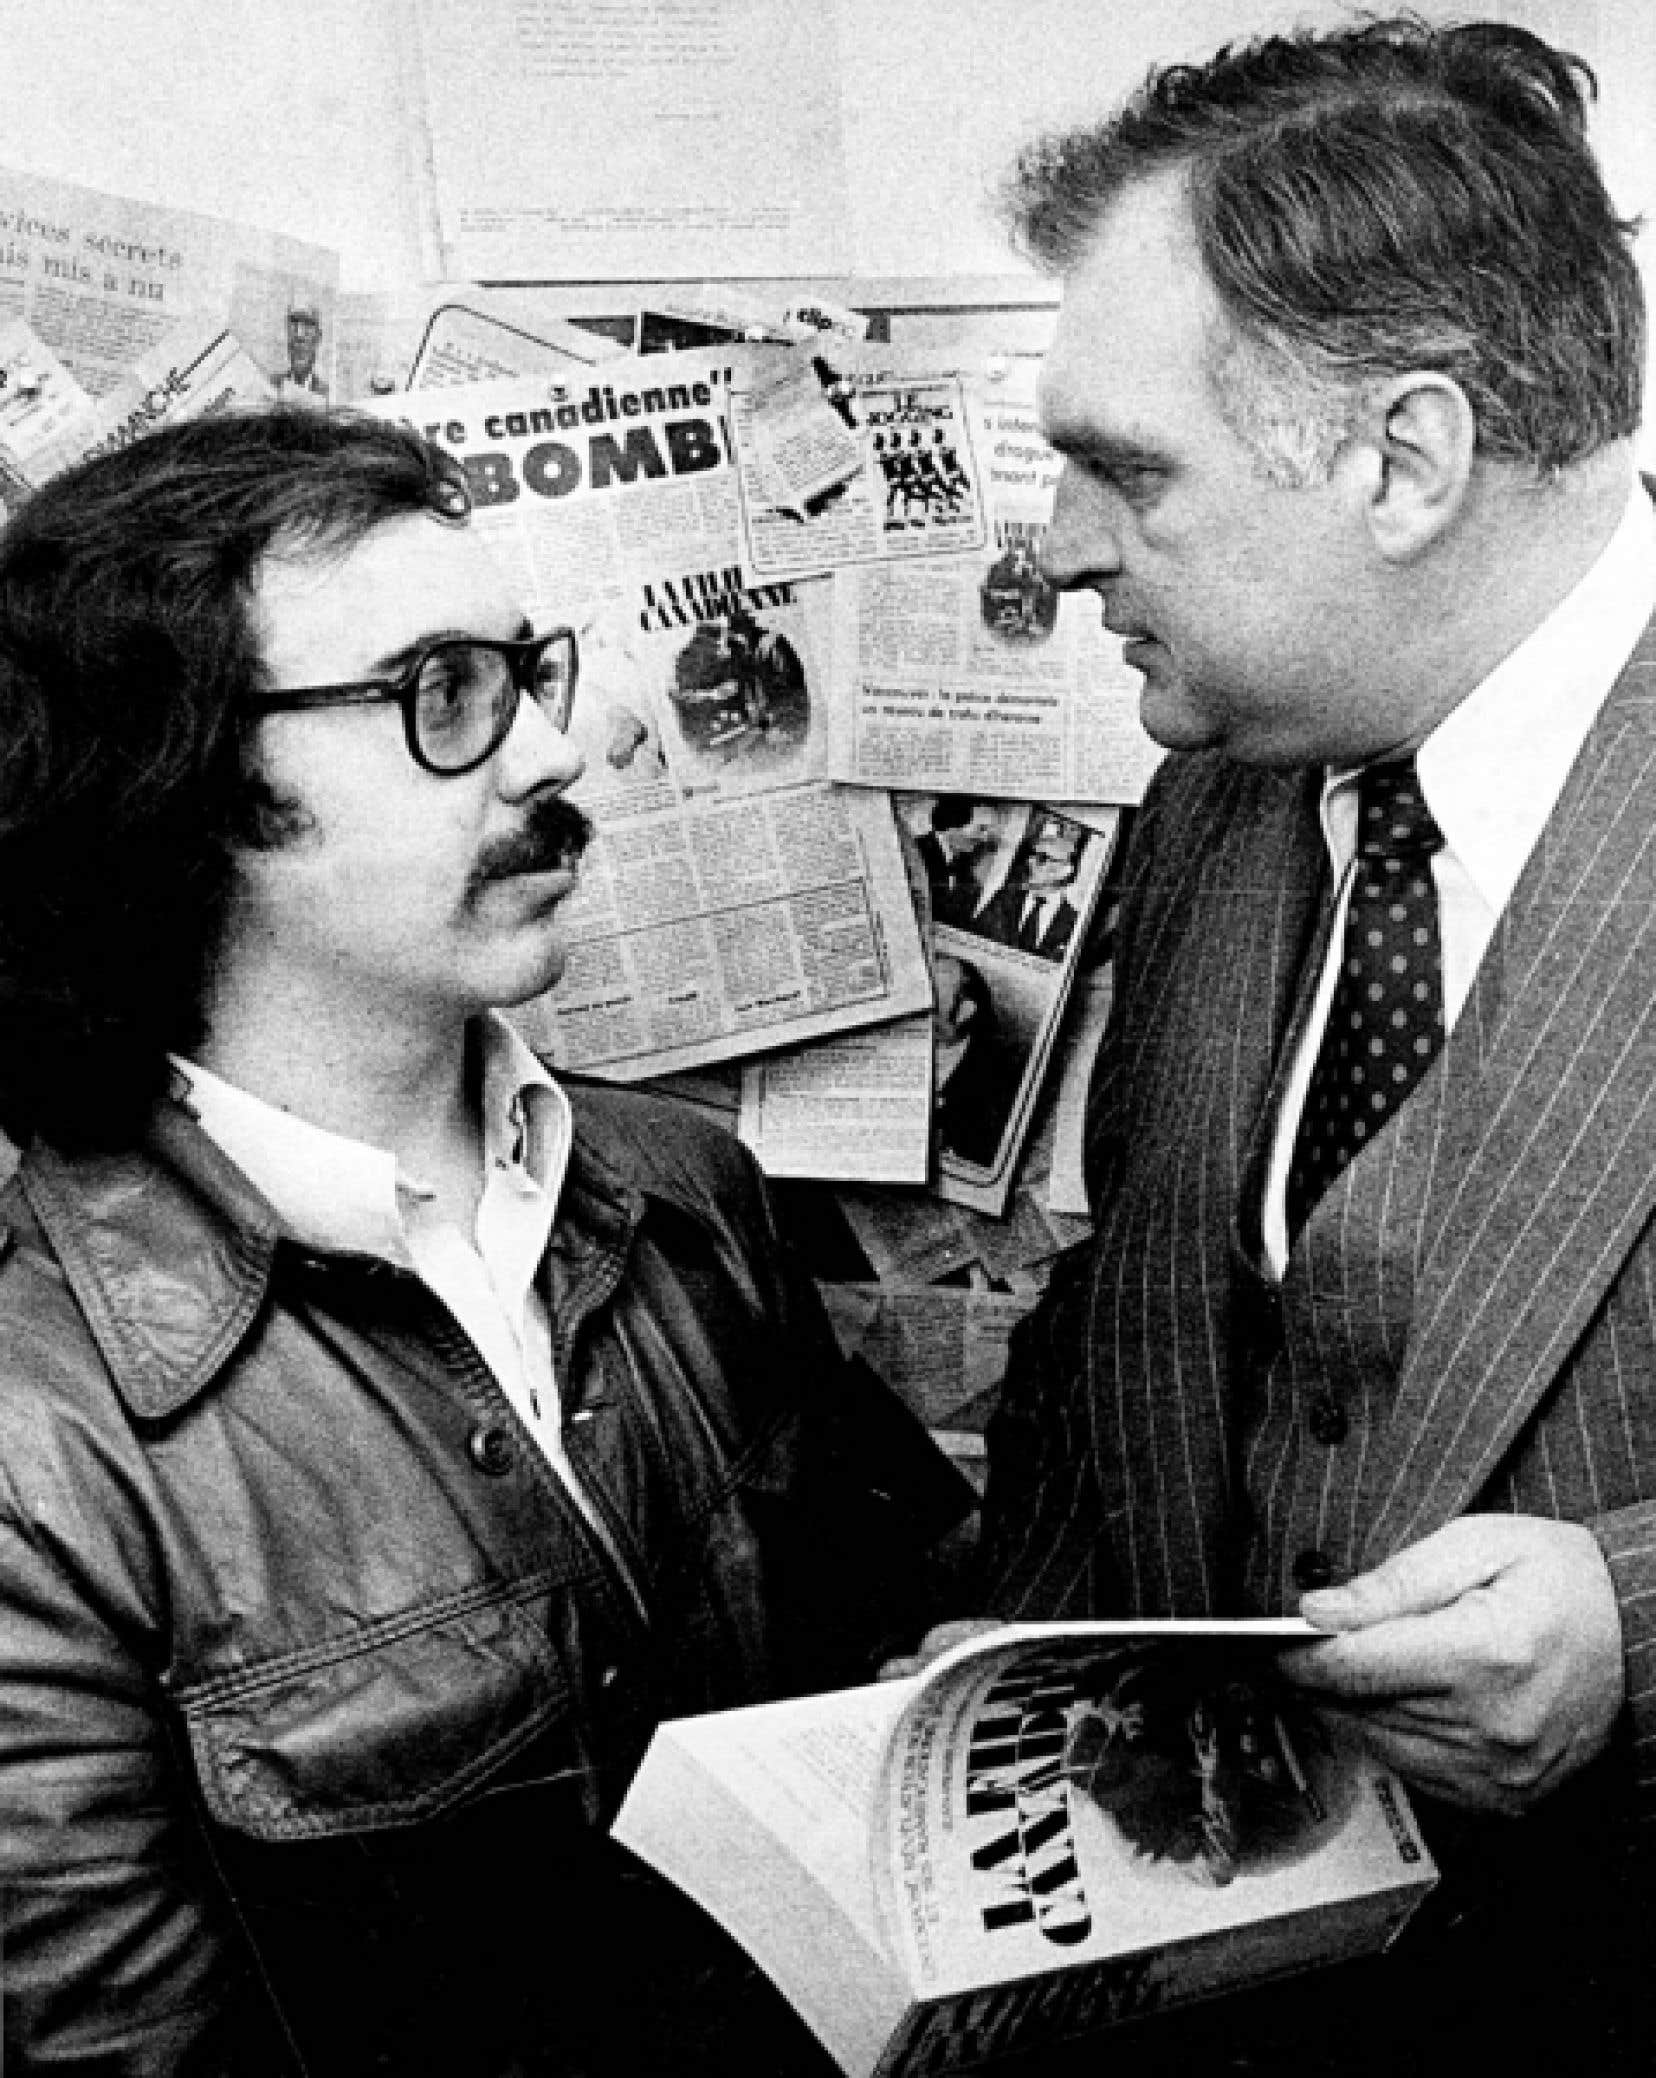 Le 1er mai 1973, un homme armé fait irruption dans la salle de rédaction du Devoir, demande à voir Jean-Pierre Charbonneau et tire sur lui. On voit le jeune journaliste lors du lancement de son livre La Filière canadienne, en compagnie du juge Jean-Luc Dutil.